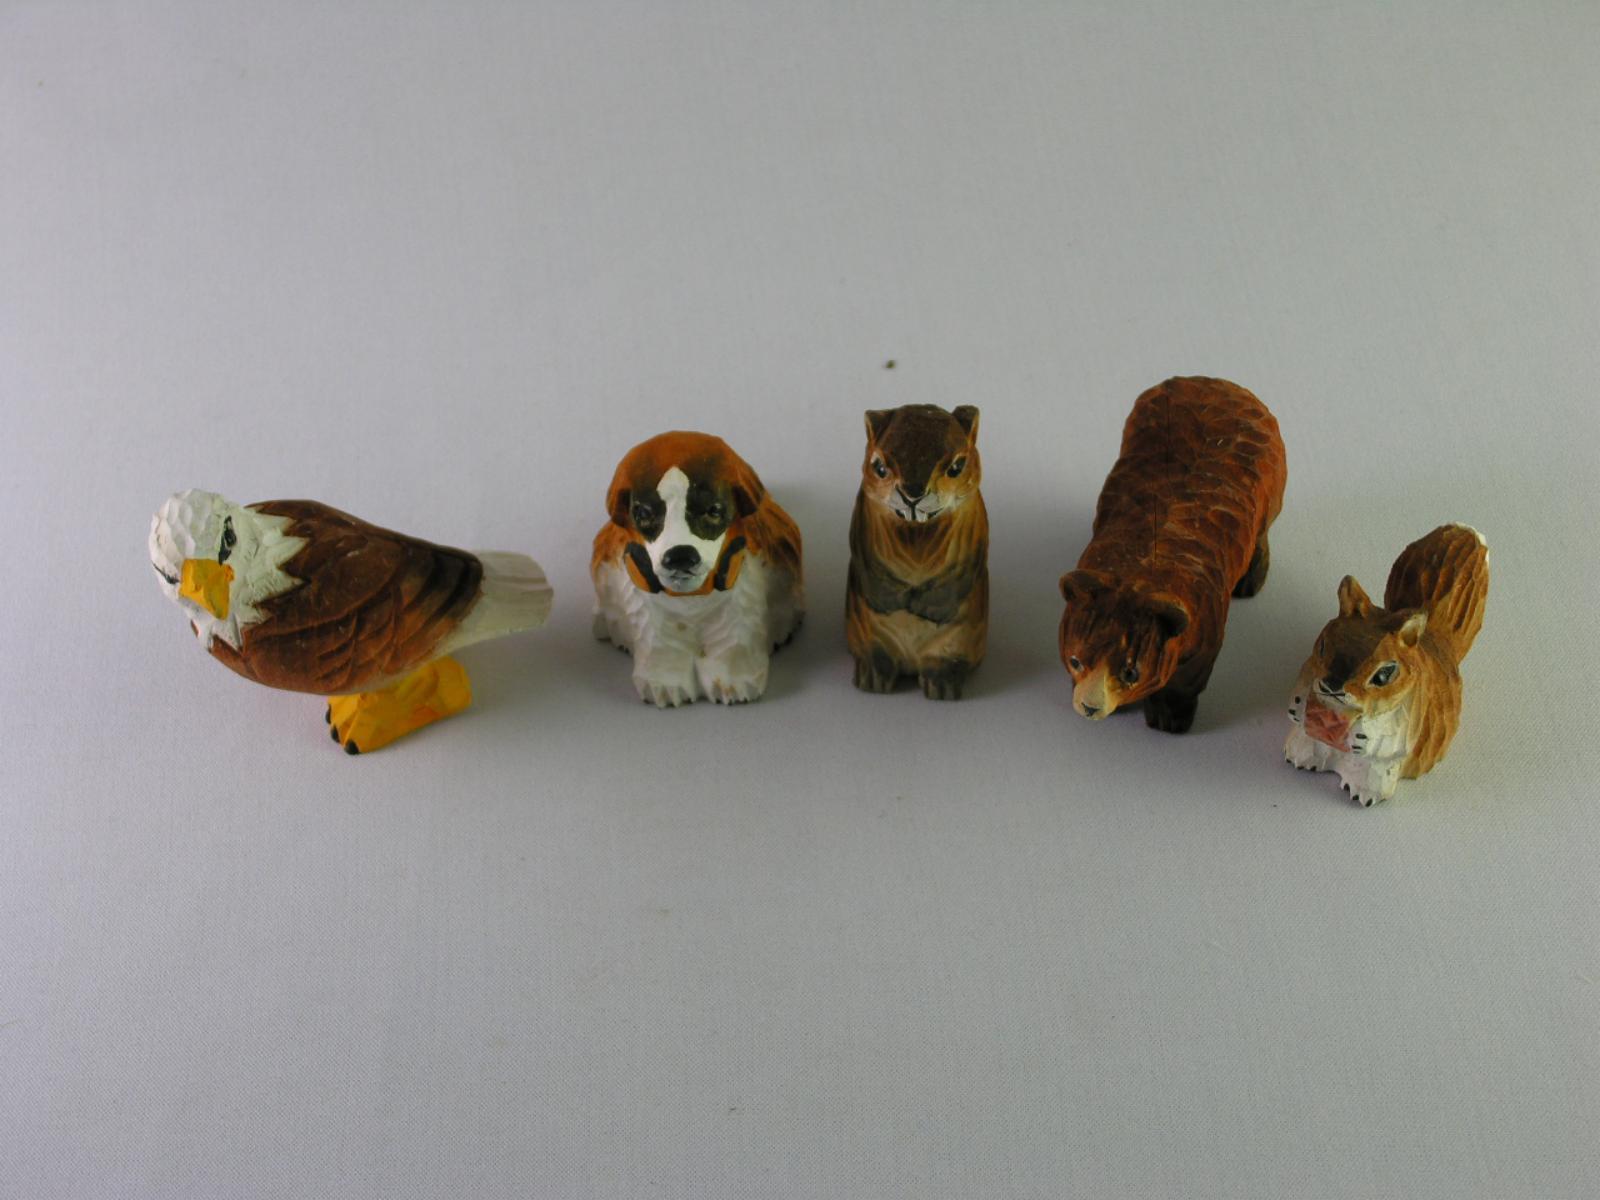 15 Fogli Capacit/à Scultura in Legno Creativo e Pratico AA-Cucitrice Colore : Akita Animale Sveglio di Figura Mini Cucitrici